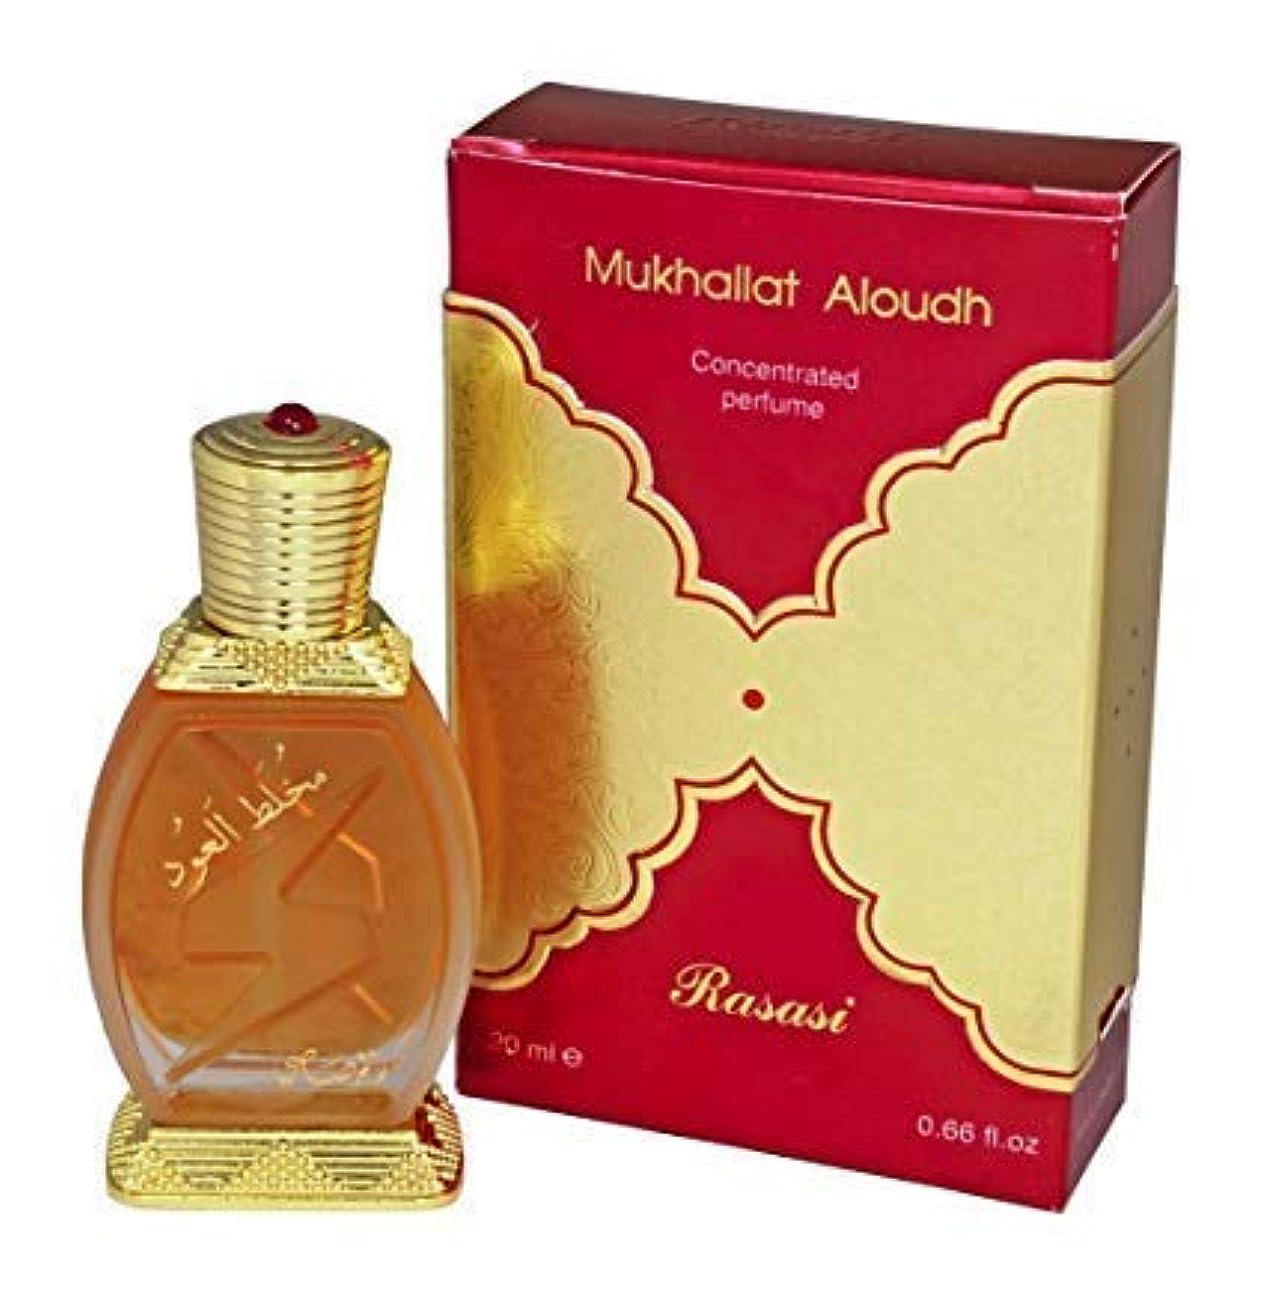 のり醸造所弱いアルOudh集中香水、20ミリリットル|アターITRA最高品質の香水は長持ちアタースプレー